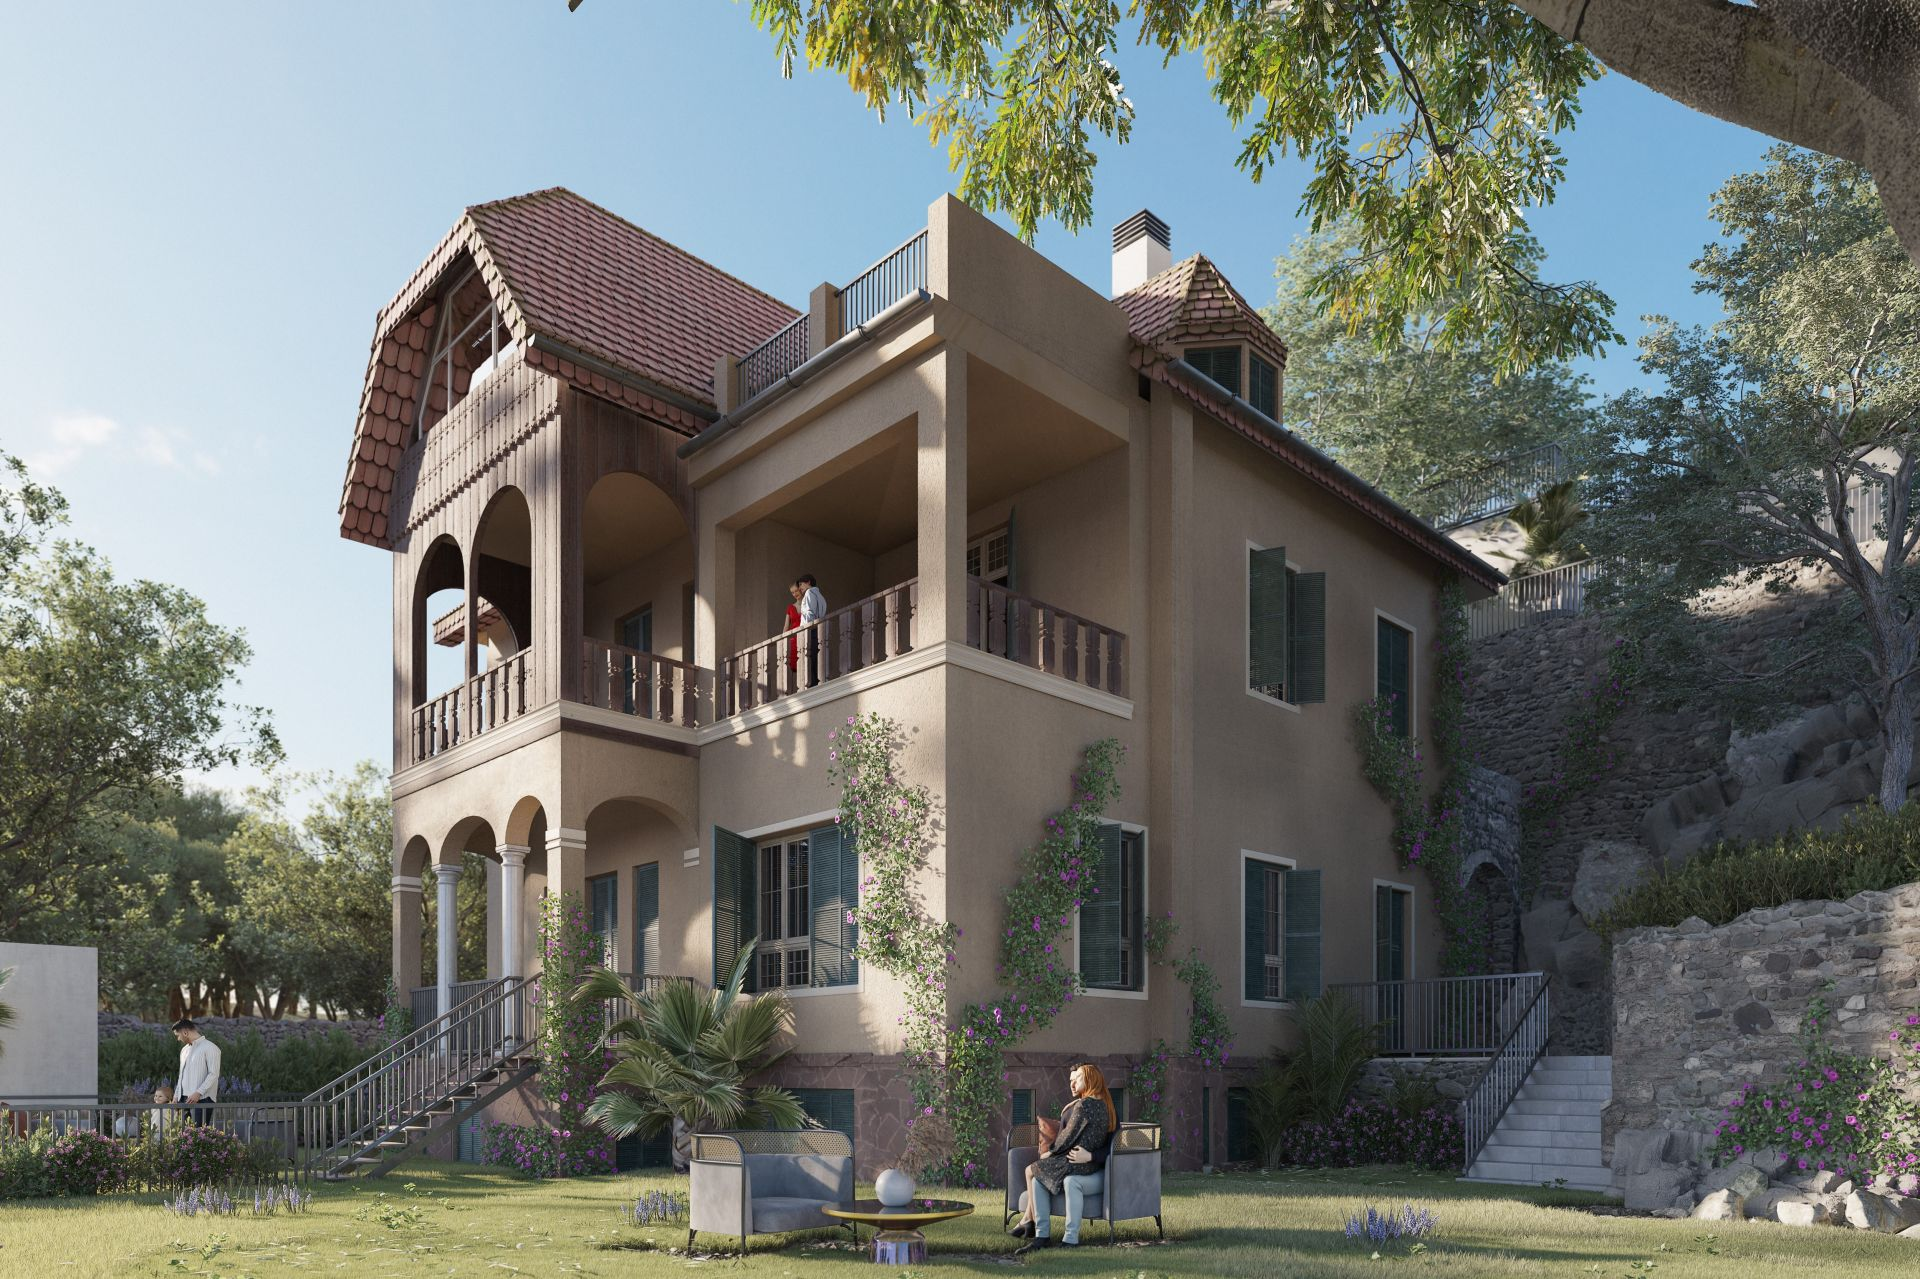 Monte Sancha 14, El Limonar, Malaga - Este - 4 exclusive homes in a 1905 Villa | Christie's International Real Estate